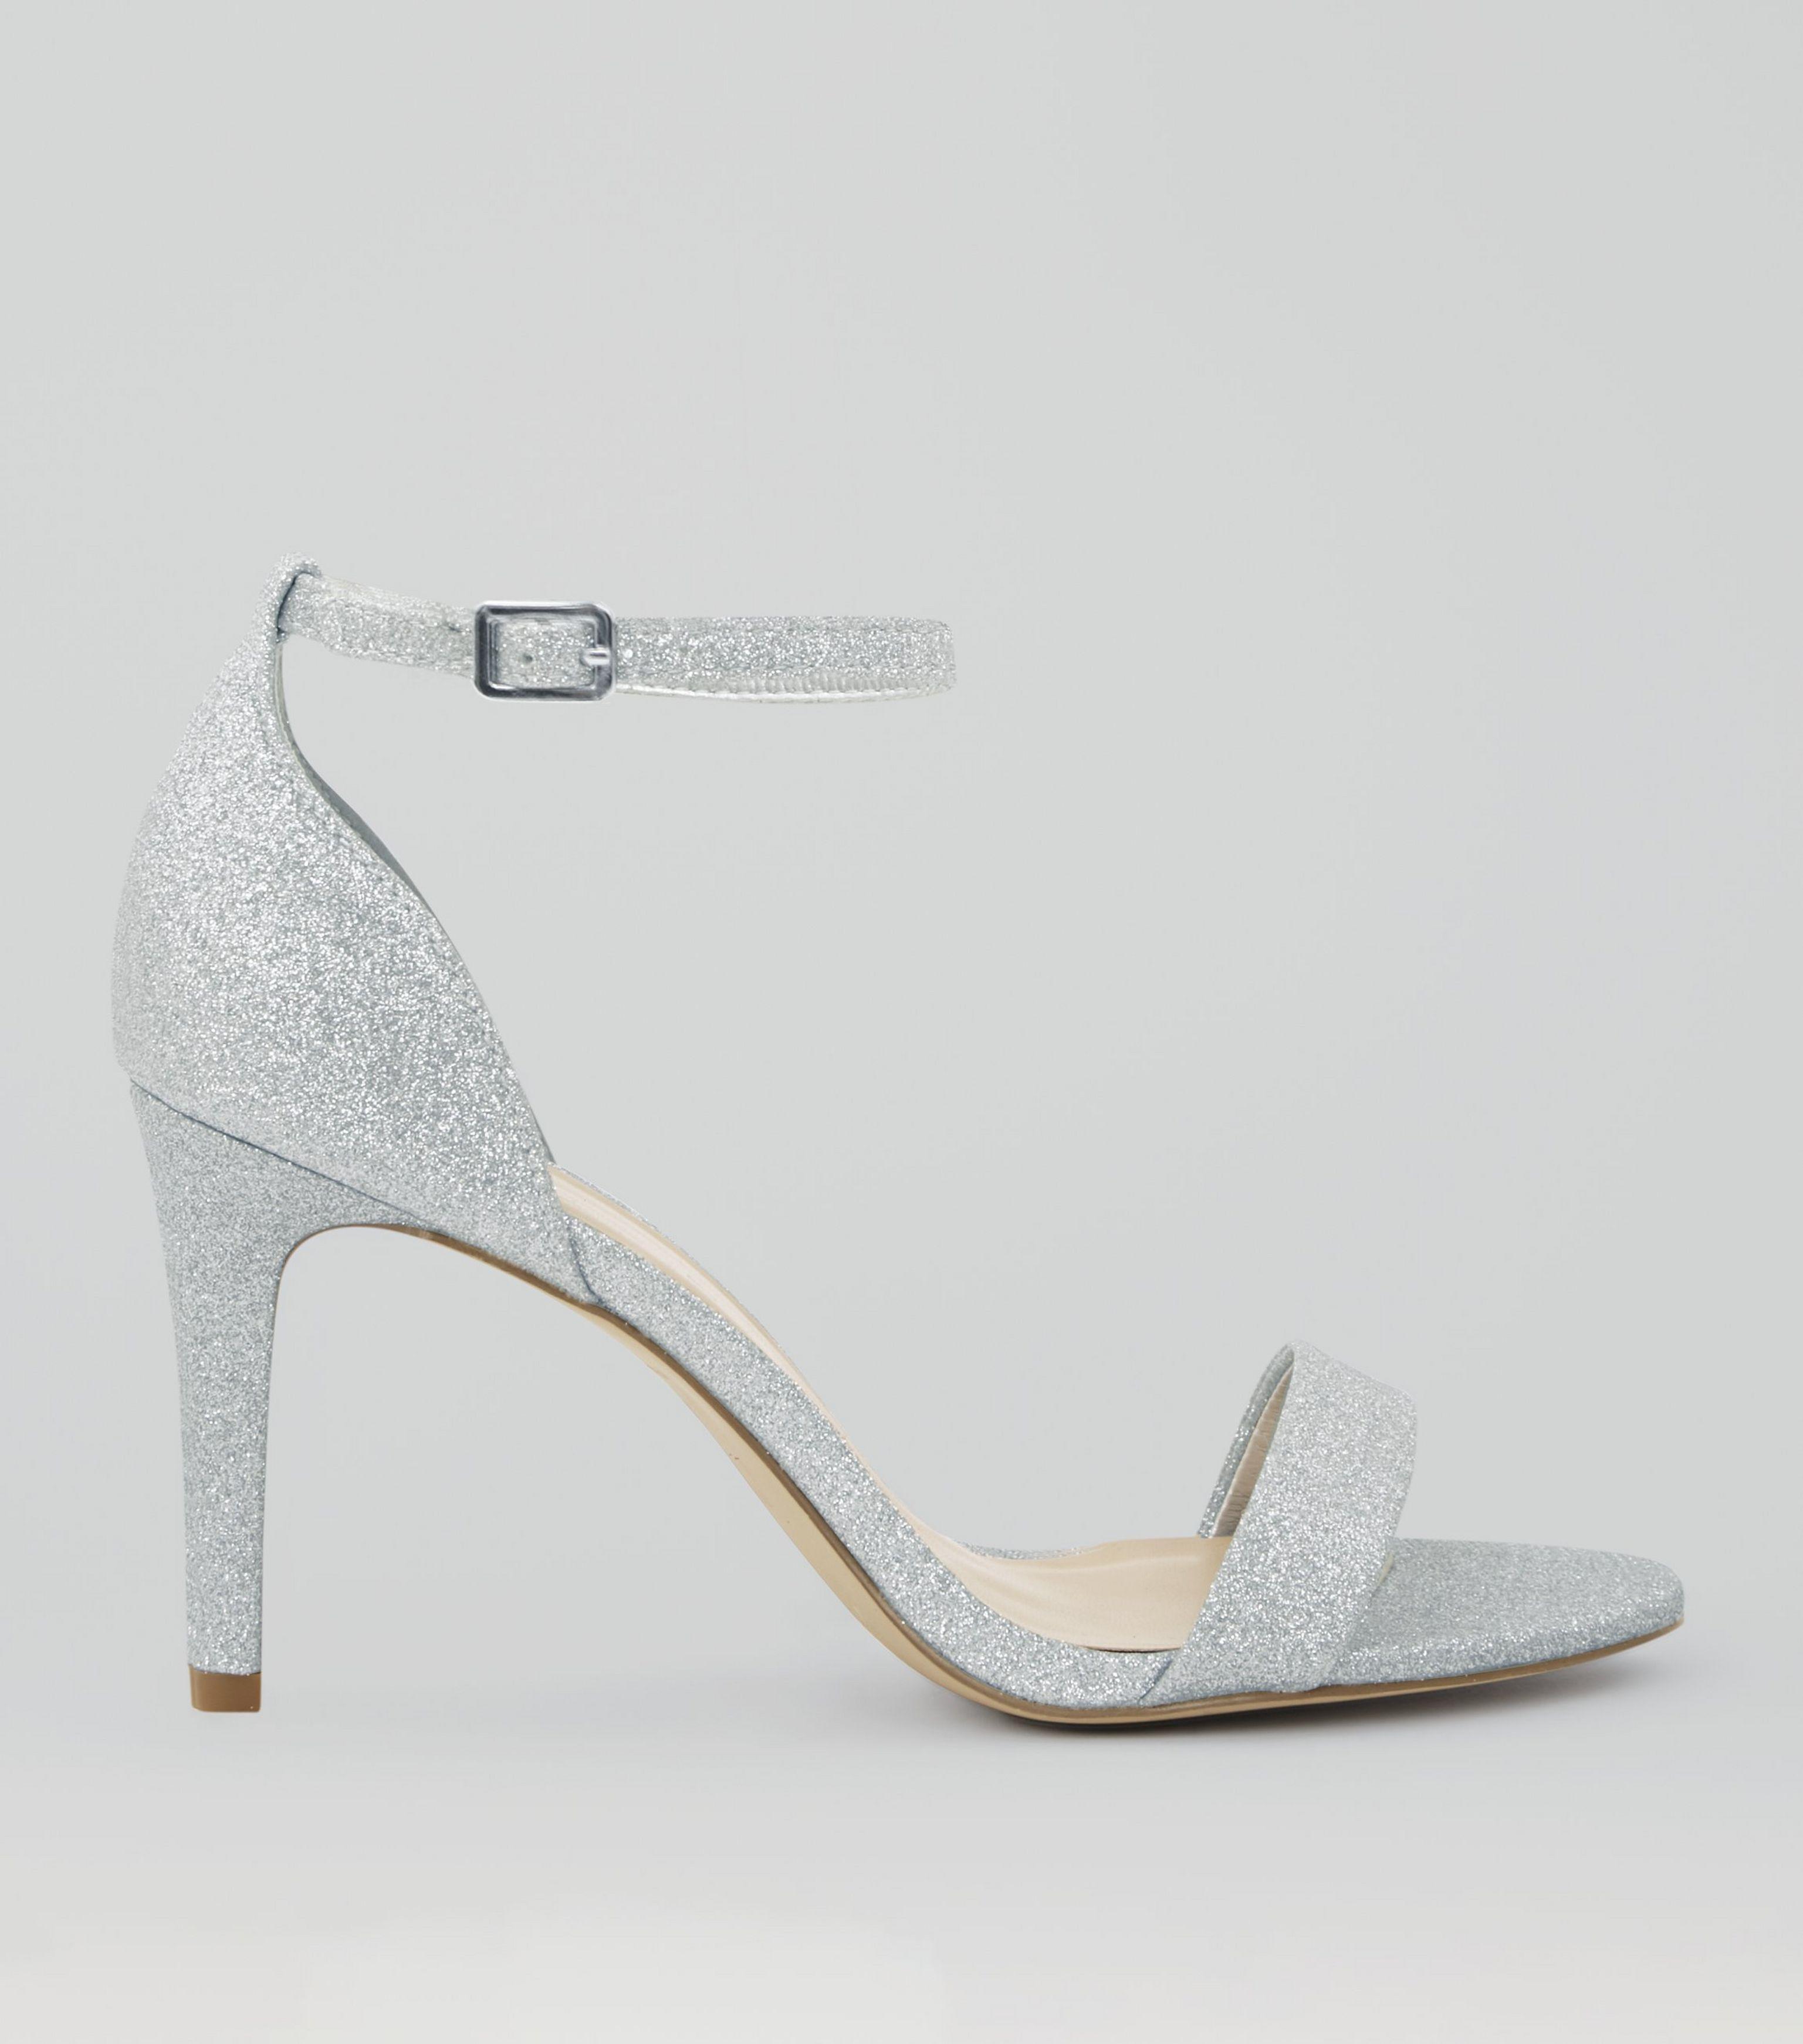 d8fd743ec5ea New Look Wide Fit Silver Glitter Ankle Strap Heels in Metallic - Lyst